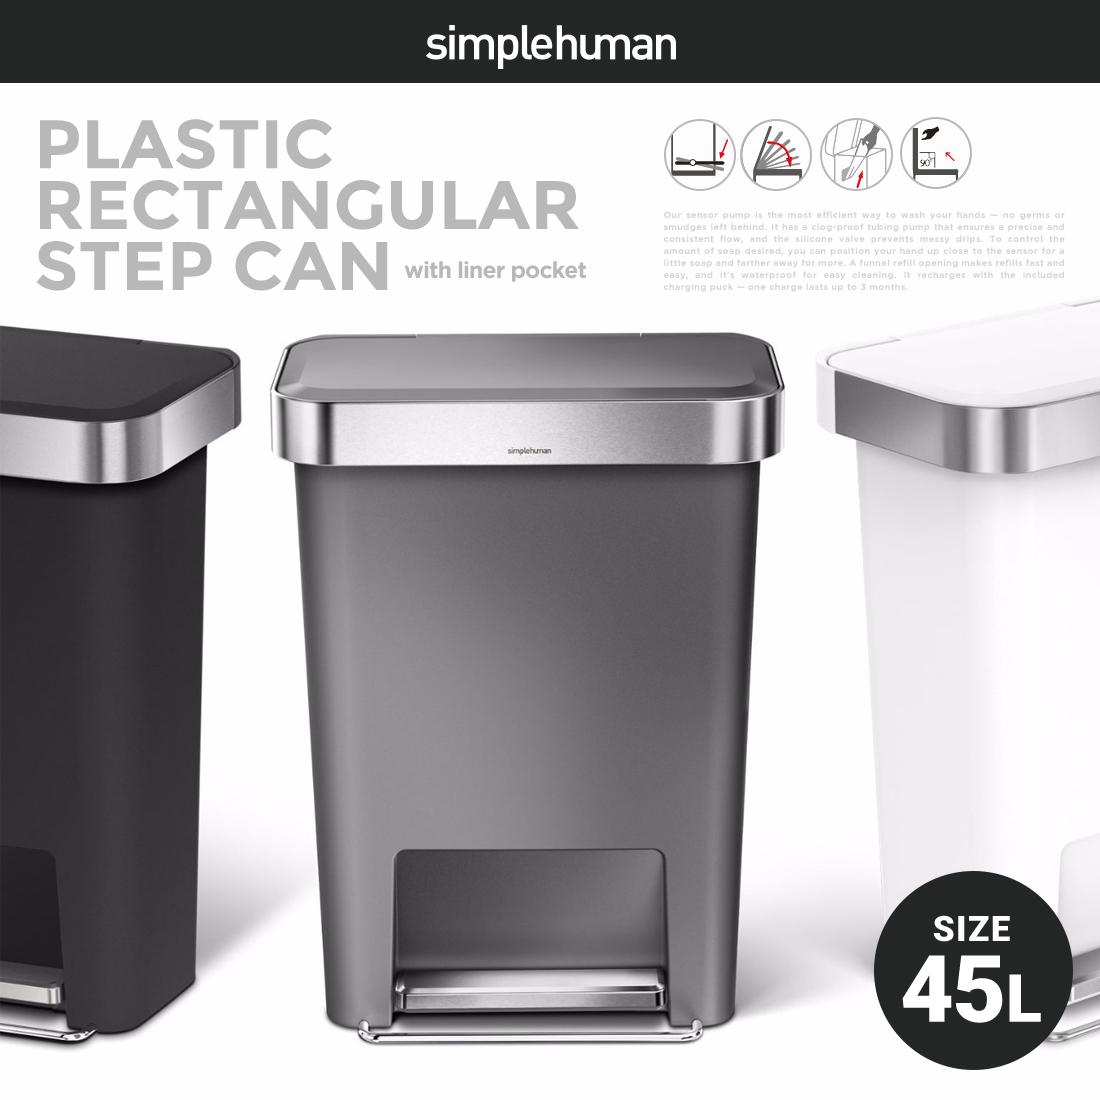 【Simple Human シンプルヒューマン】Dustbox 45Lゴミ箱 プラスチック レクタンギュラーステップカン 45リットル オフィス リビング ふた付き 縦型【コンビニ受取対応商品】